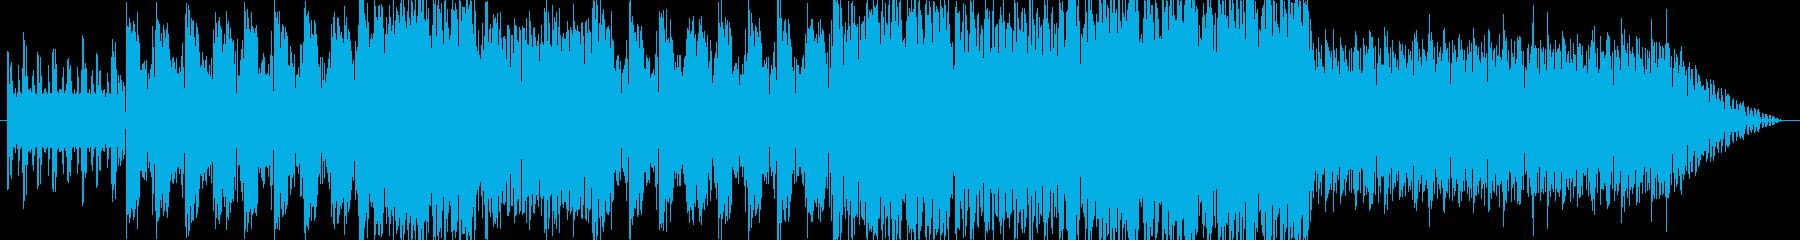 ダンス音楽ですが英語の歌詞を付けて歌っ…の再生済みの波形